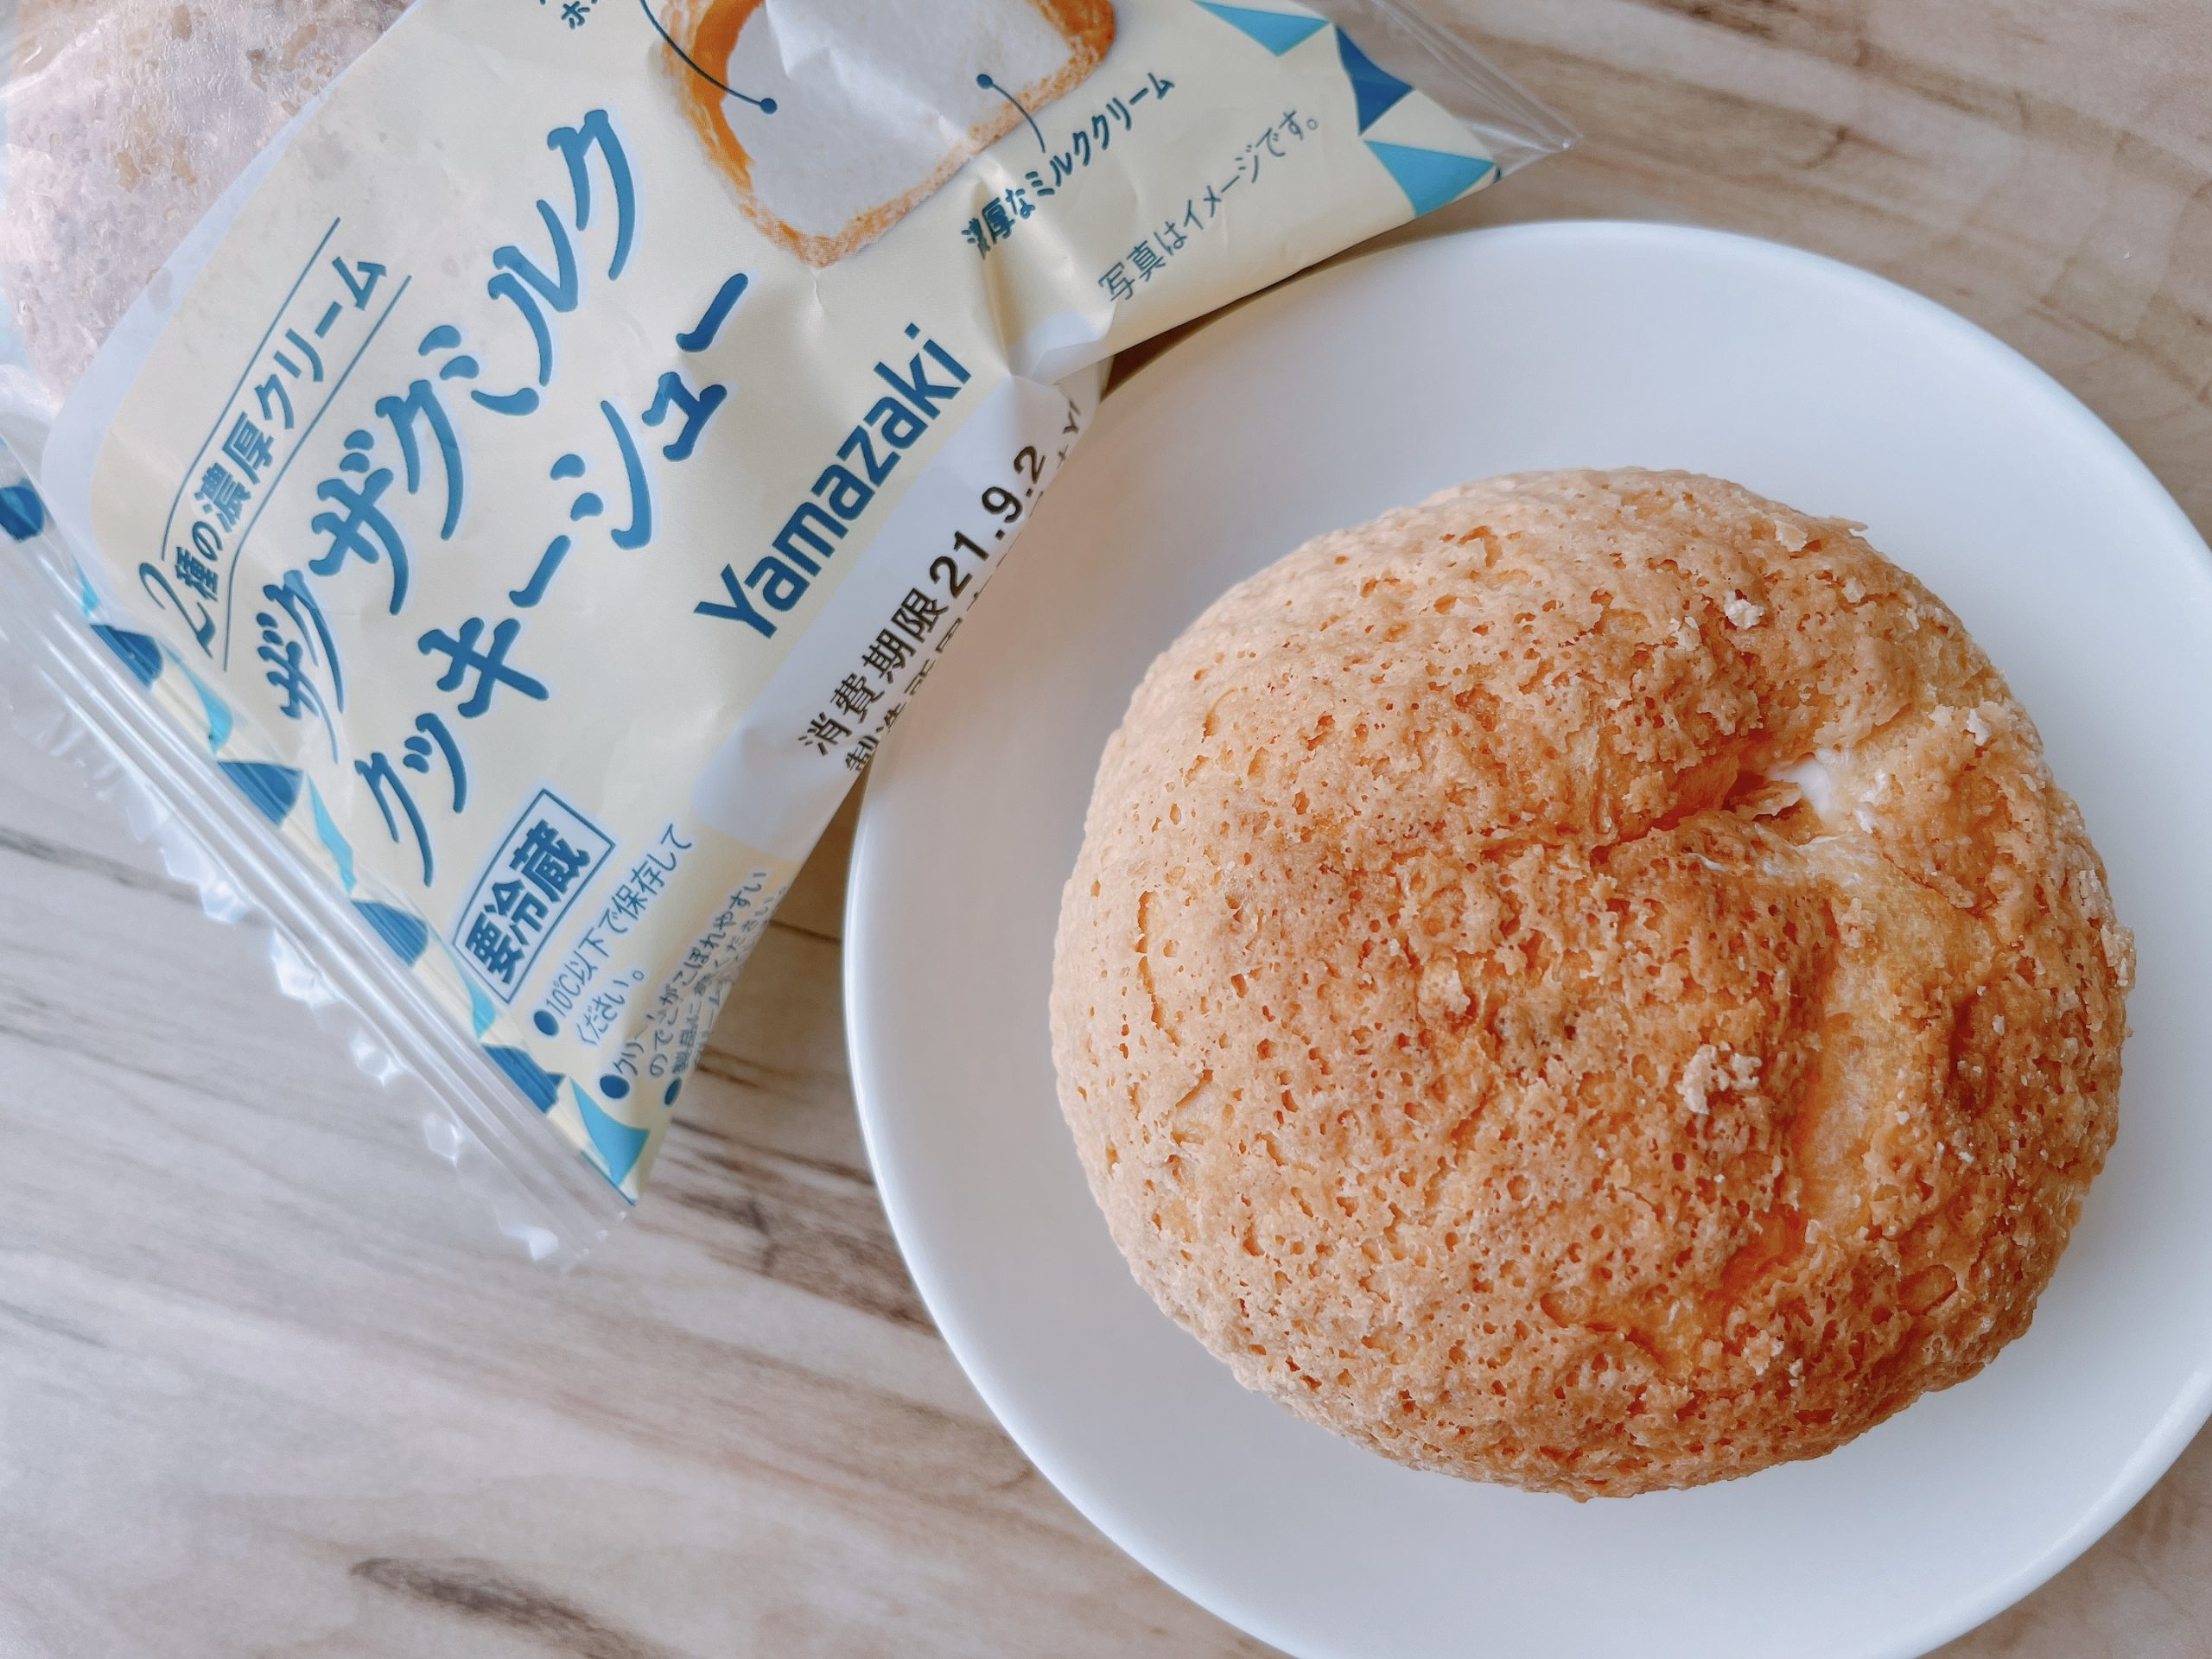 ザクザクミルククッキーシューはクッキーみたいな堅さはない